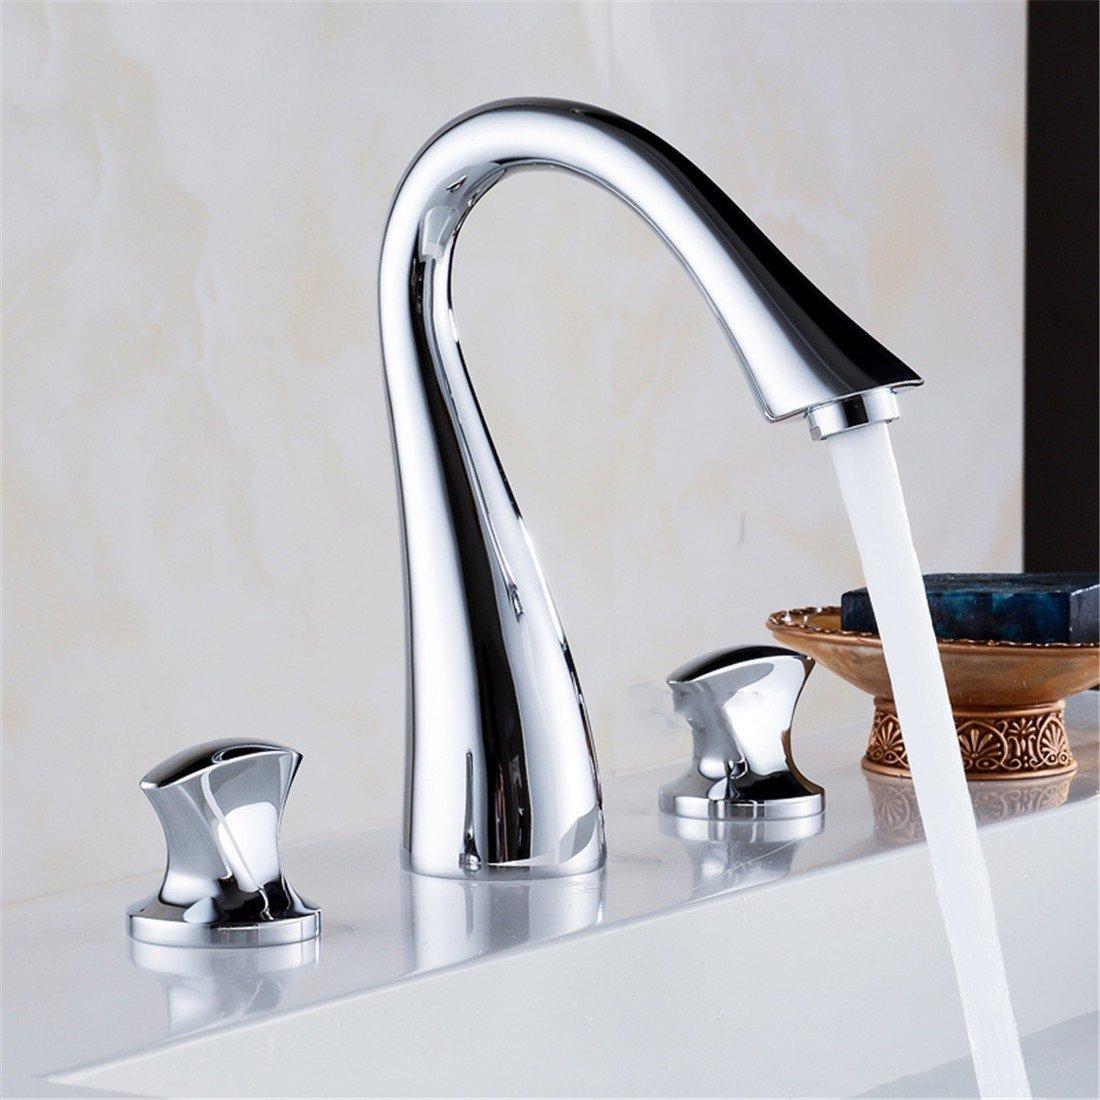 Alle Kupfer split Hahn Waschbecken wasserhahn Doppel drei LocHöheißen und kalten Wasserhahn im Waschbecken Wasserhahn